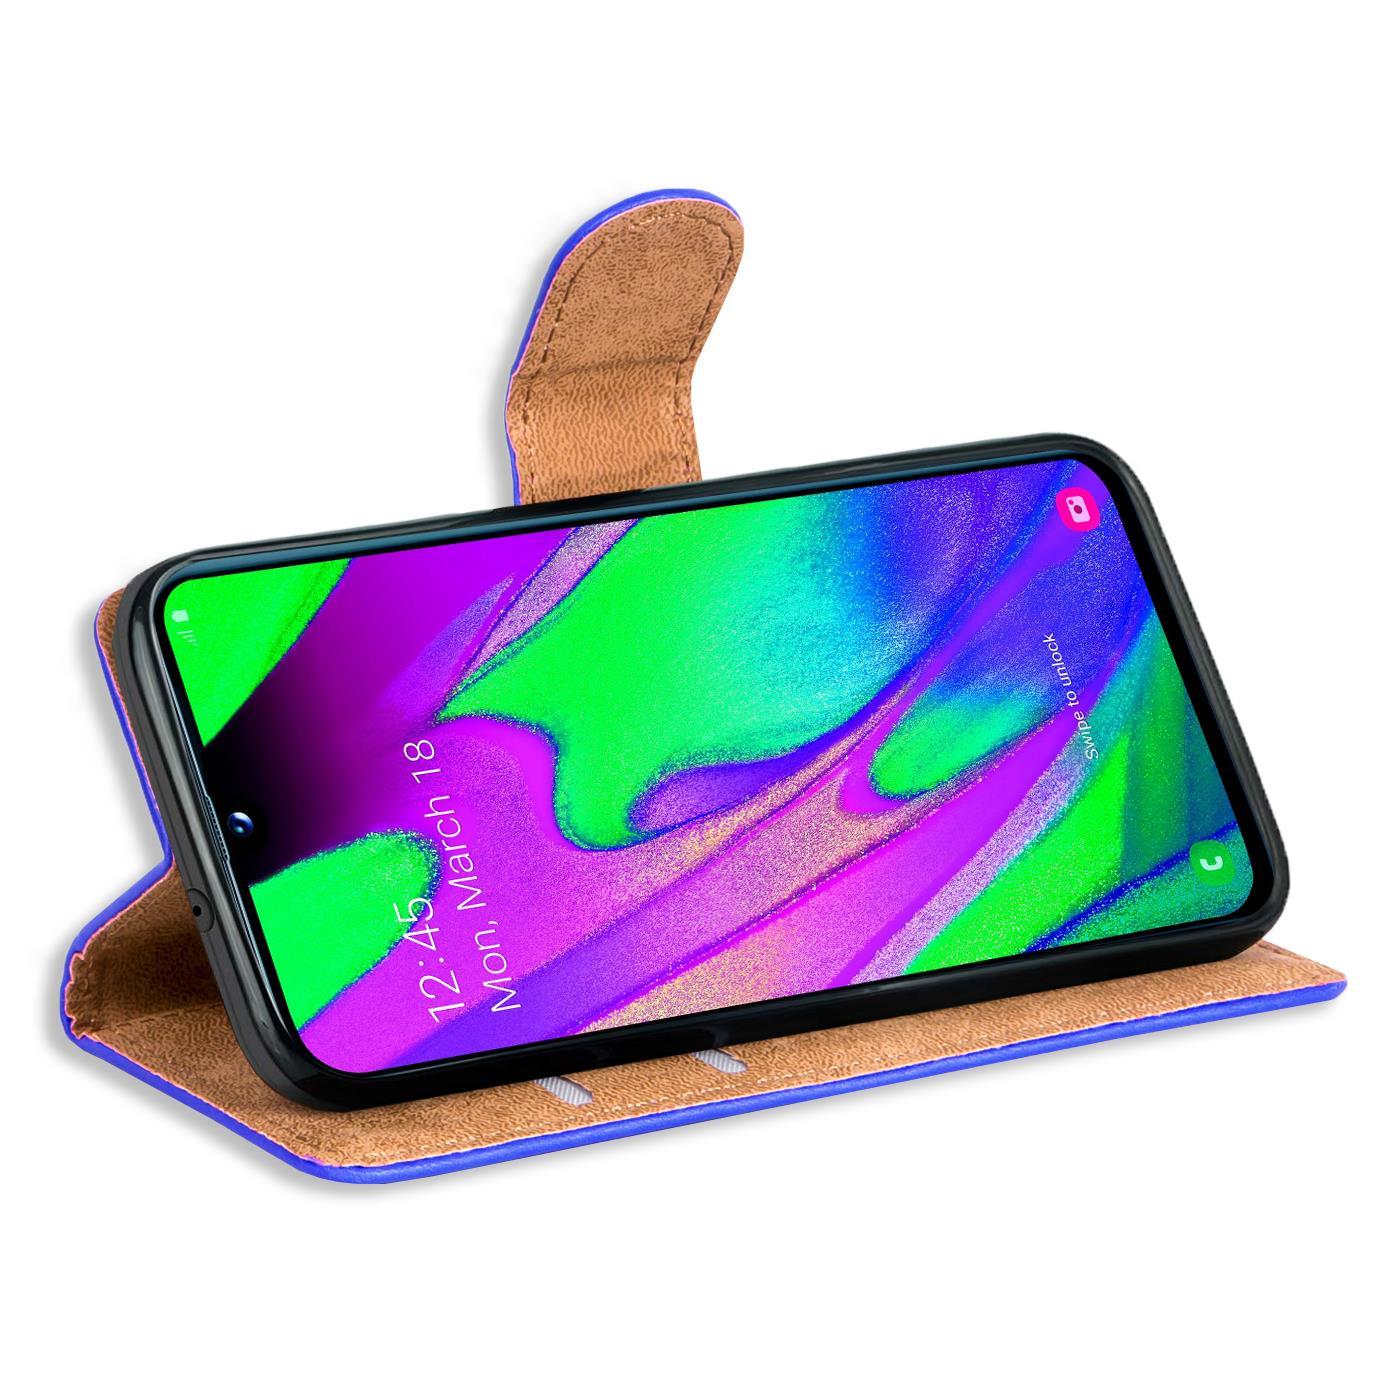 Schutz-Huelle-Samsung-Galaxy-A40-Handy-Klapp-Tasche-Book-Flip-Case-Schutzhuelle Indexbild 10